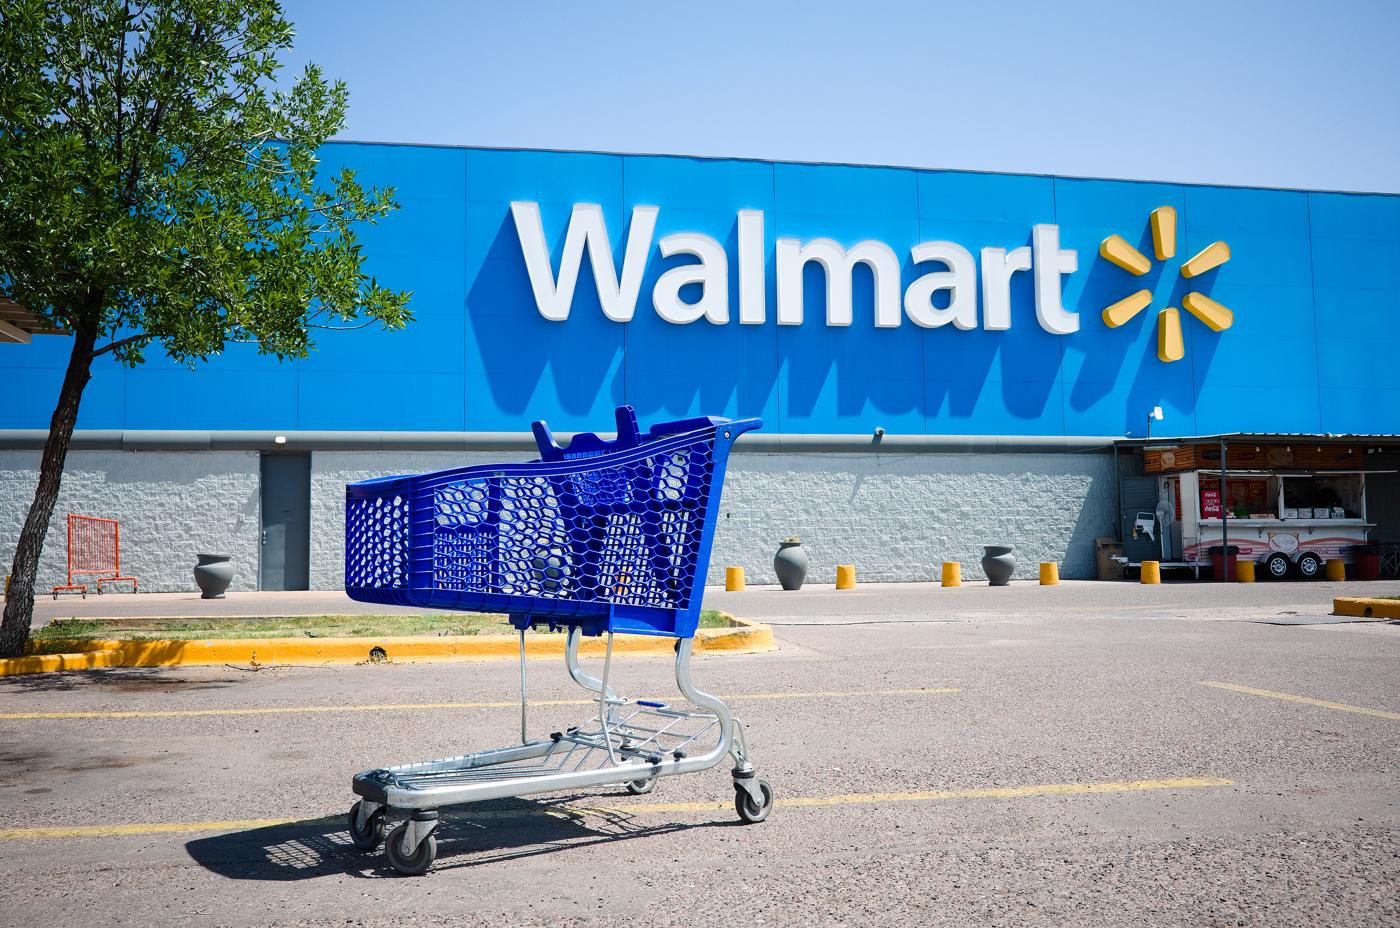 Walmart stock, WMT stock, WMT stock news